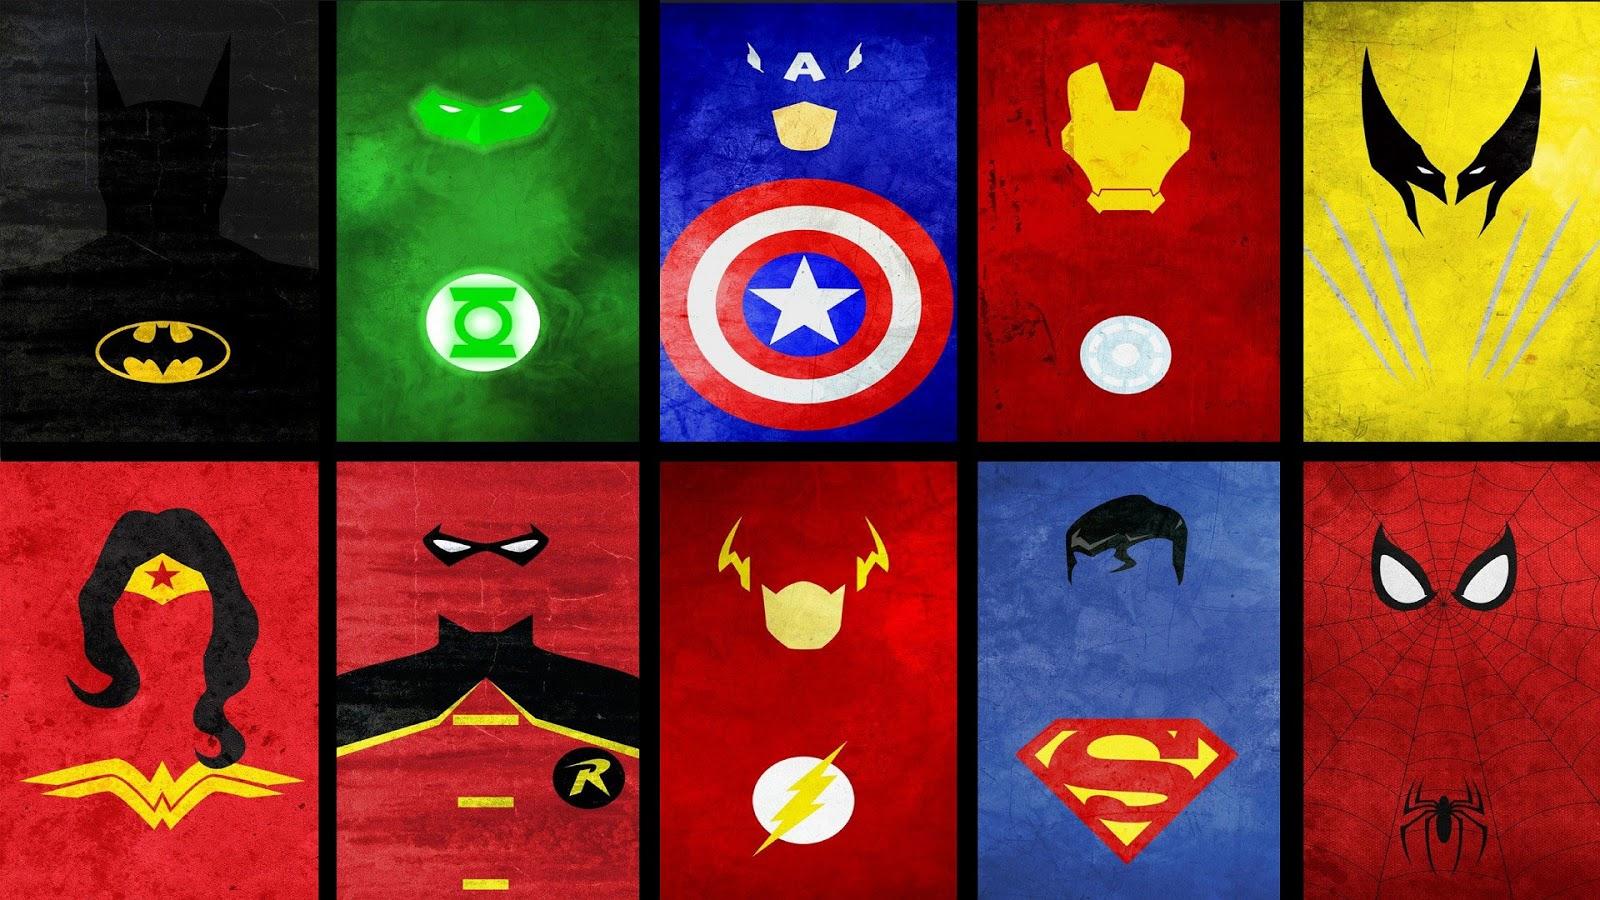 74 Superheroes Logos Wallpaper On Wallpapersafari